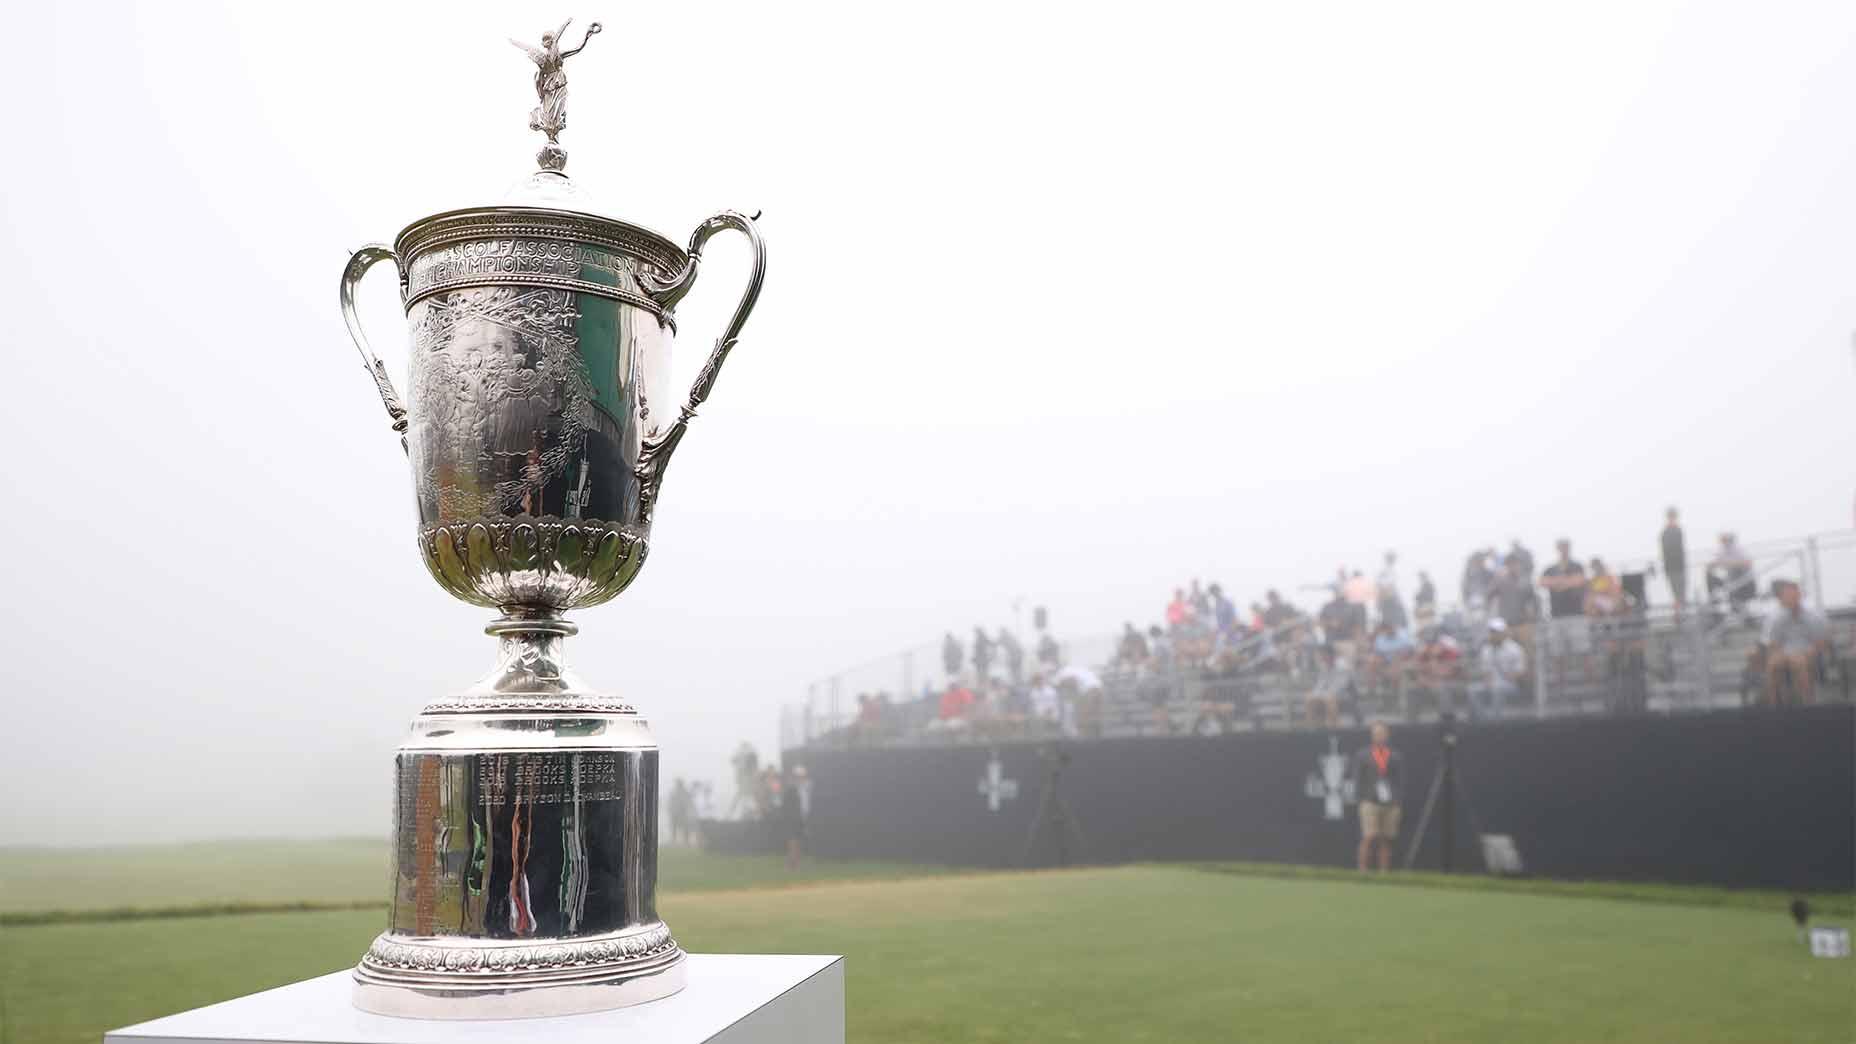 The 2021 U.S. Open trophy